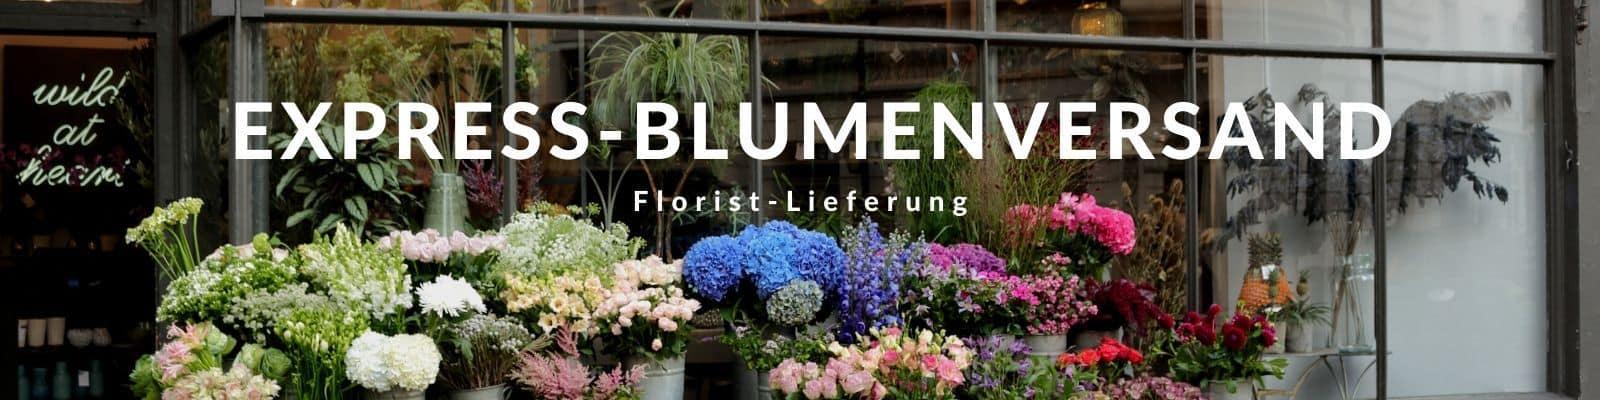 Blumenversand - Blumen Express - Blumen heute versenden - Blumenladen liefert Blumen heute